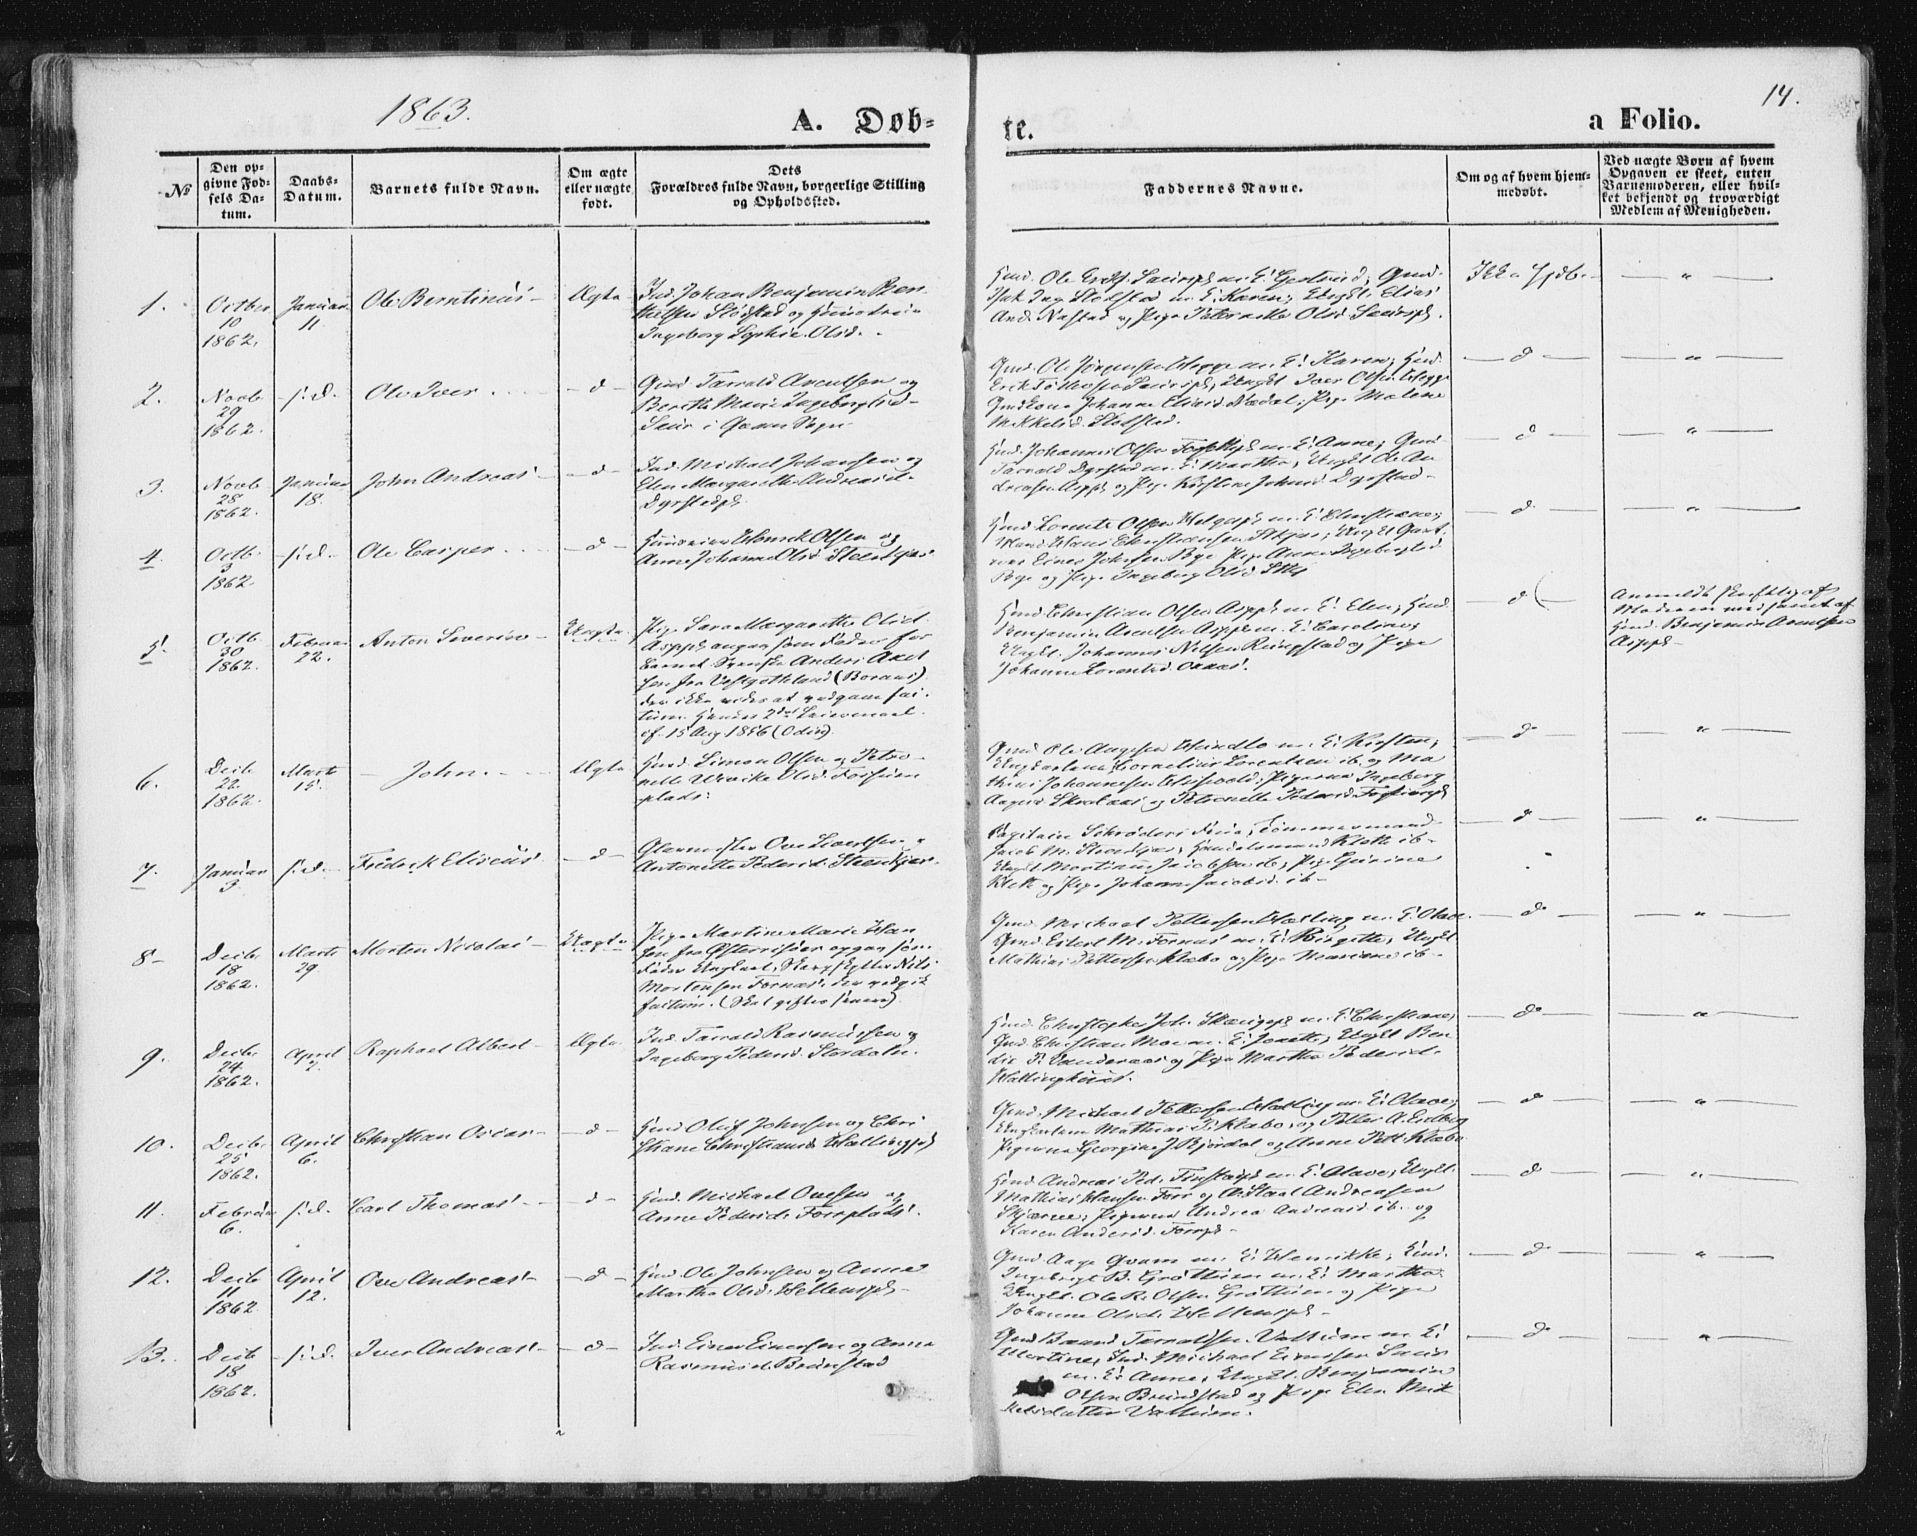 SAT, Ministerialprotokoller, klokkerbøker og fødselsregistre - Nord-Trøndelag, 746/L0447: Ministerialbok nr. 746A06, 1860-1877, s. 14